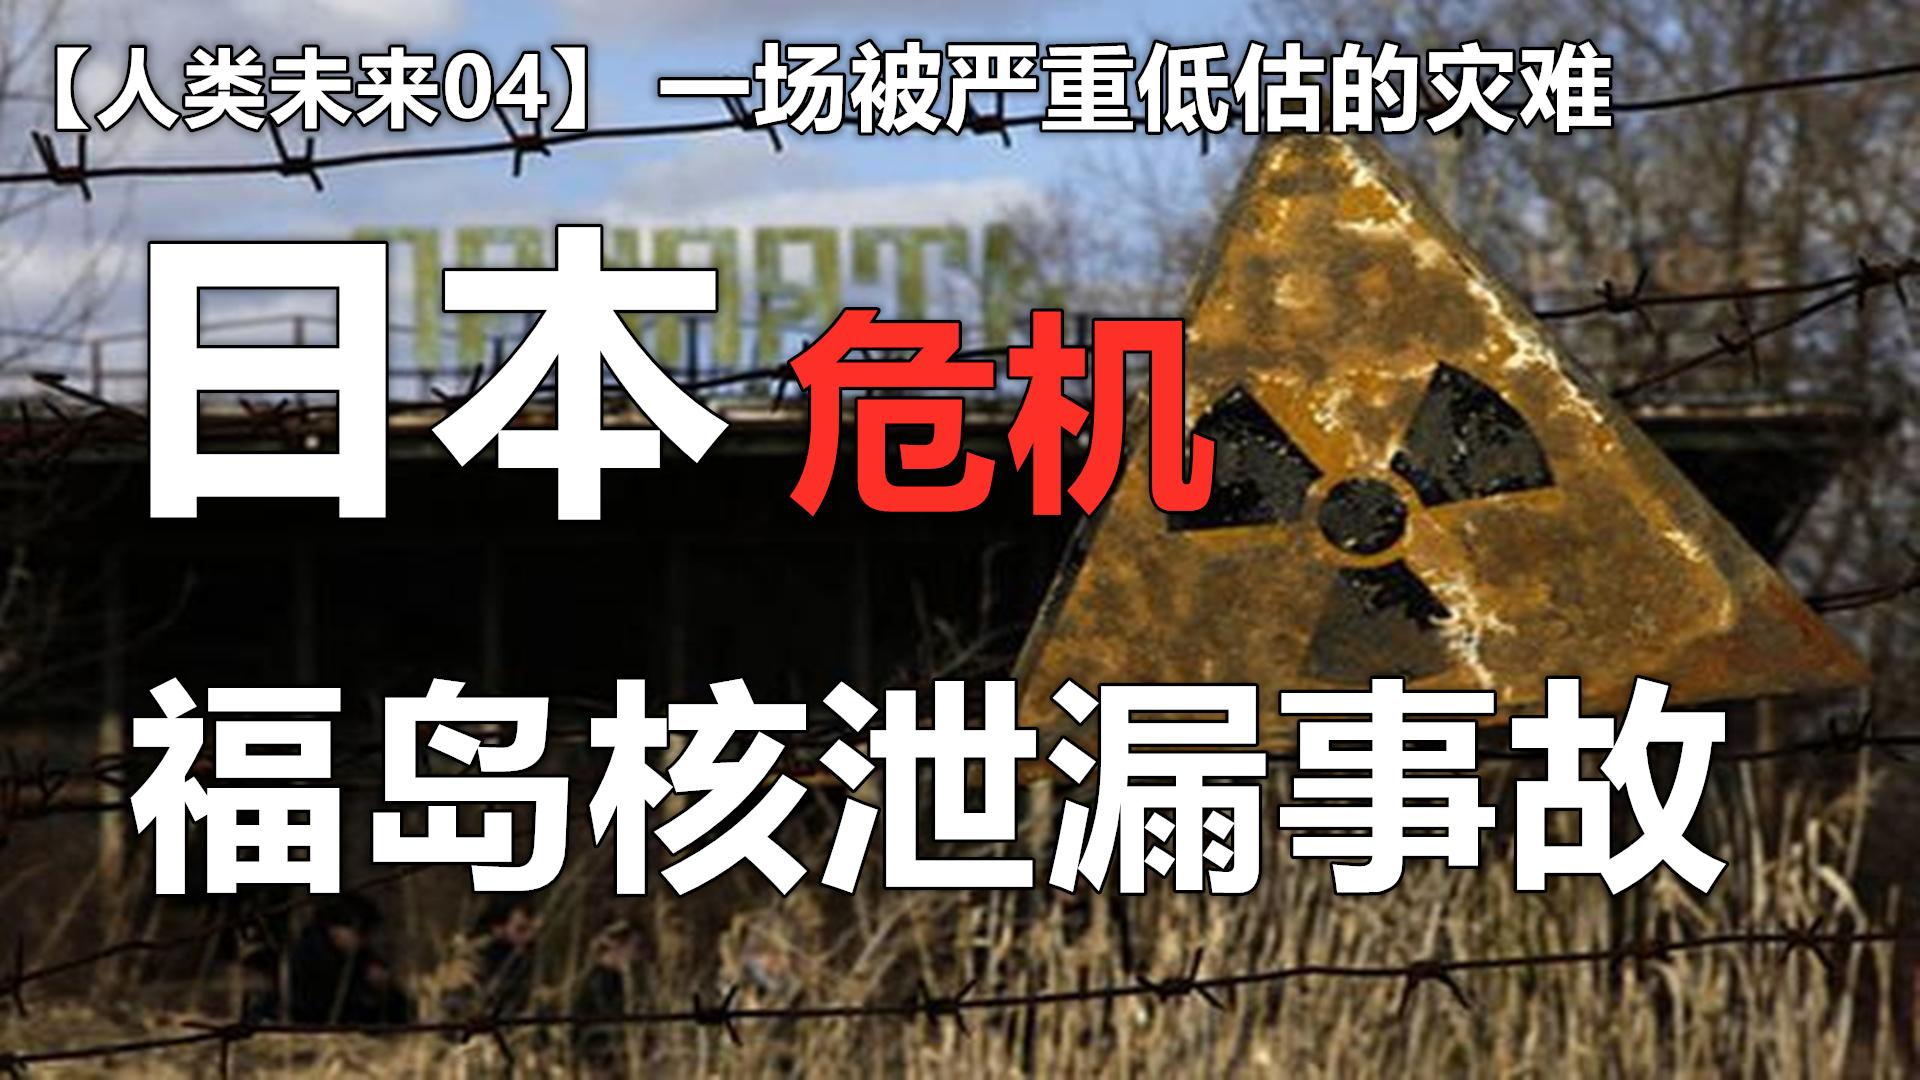 【人类未来04】一场被严重低估的灾难,日本福岛核泄漏事故,导致人类末日的可能